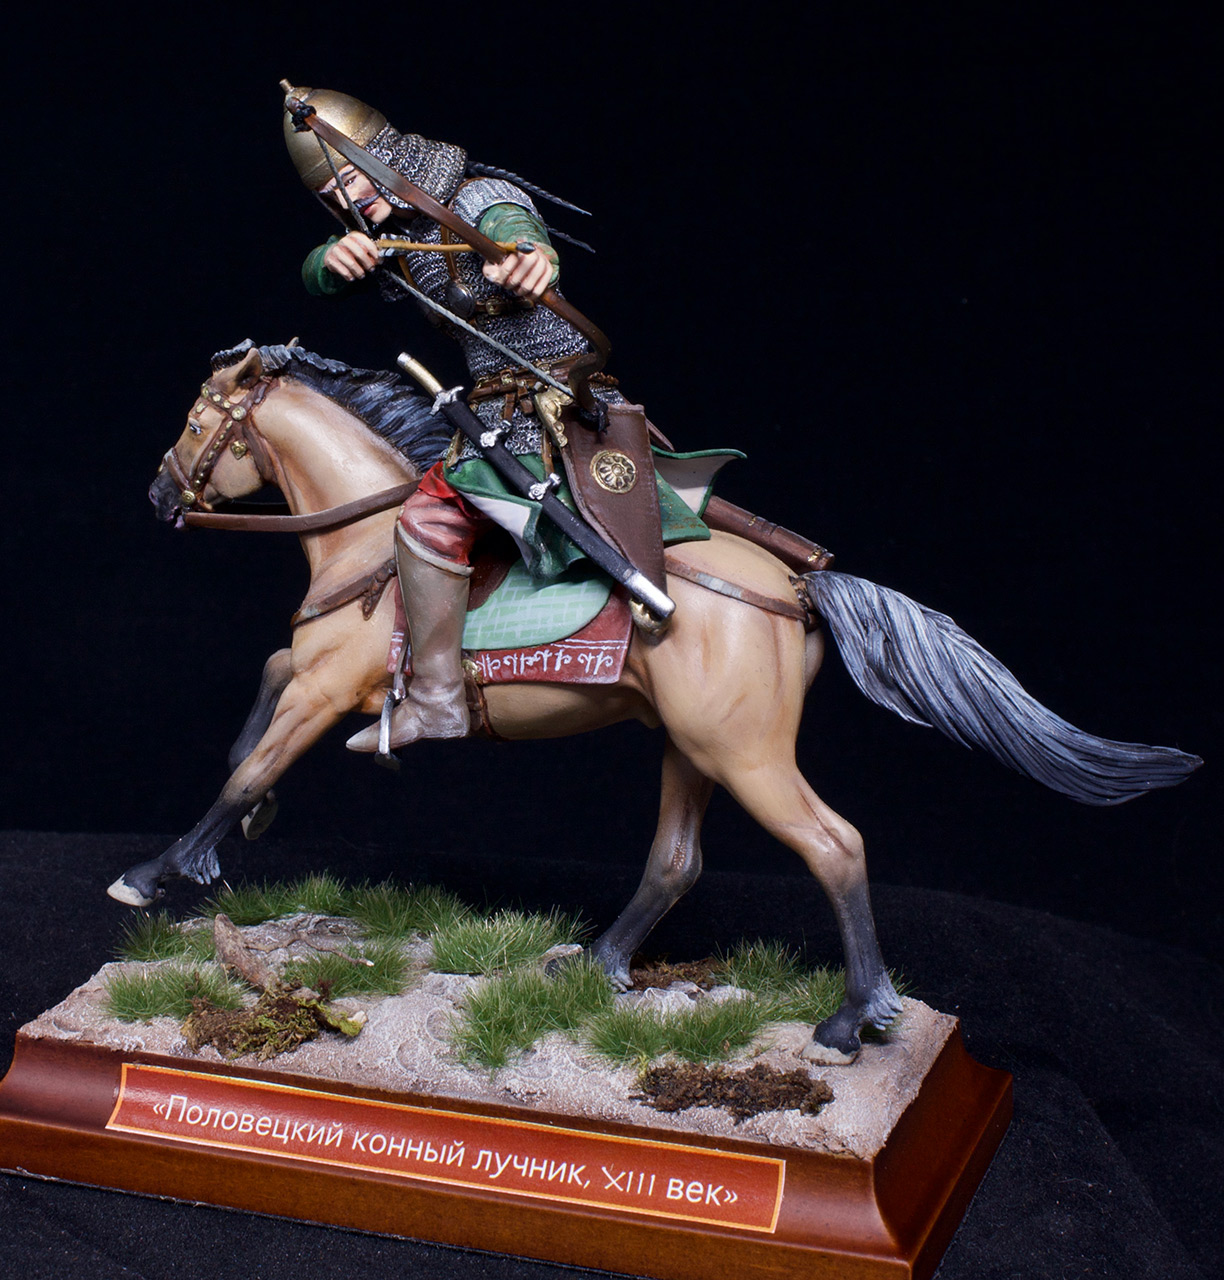 Фигурки: Половецкий конный лучник, XIII век., фото #2